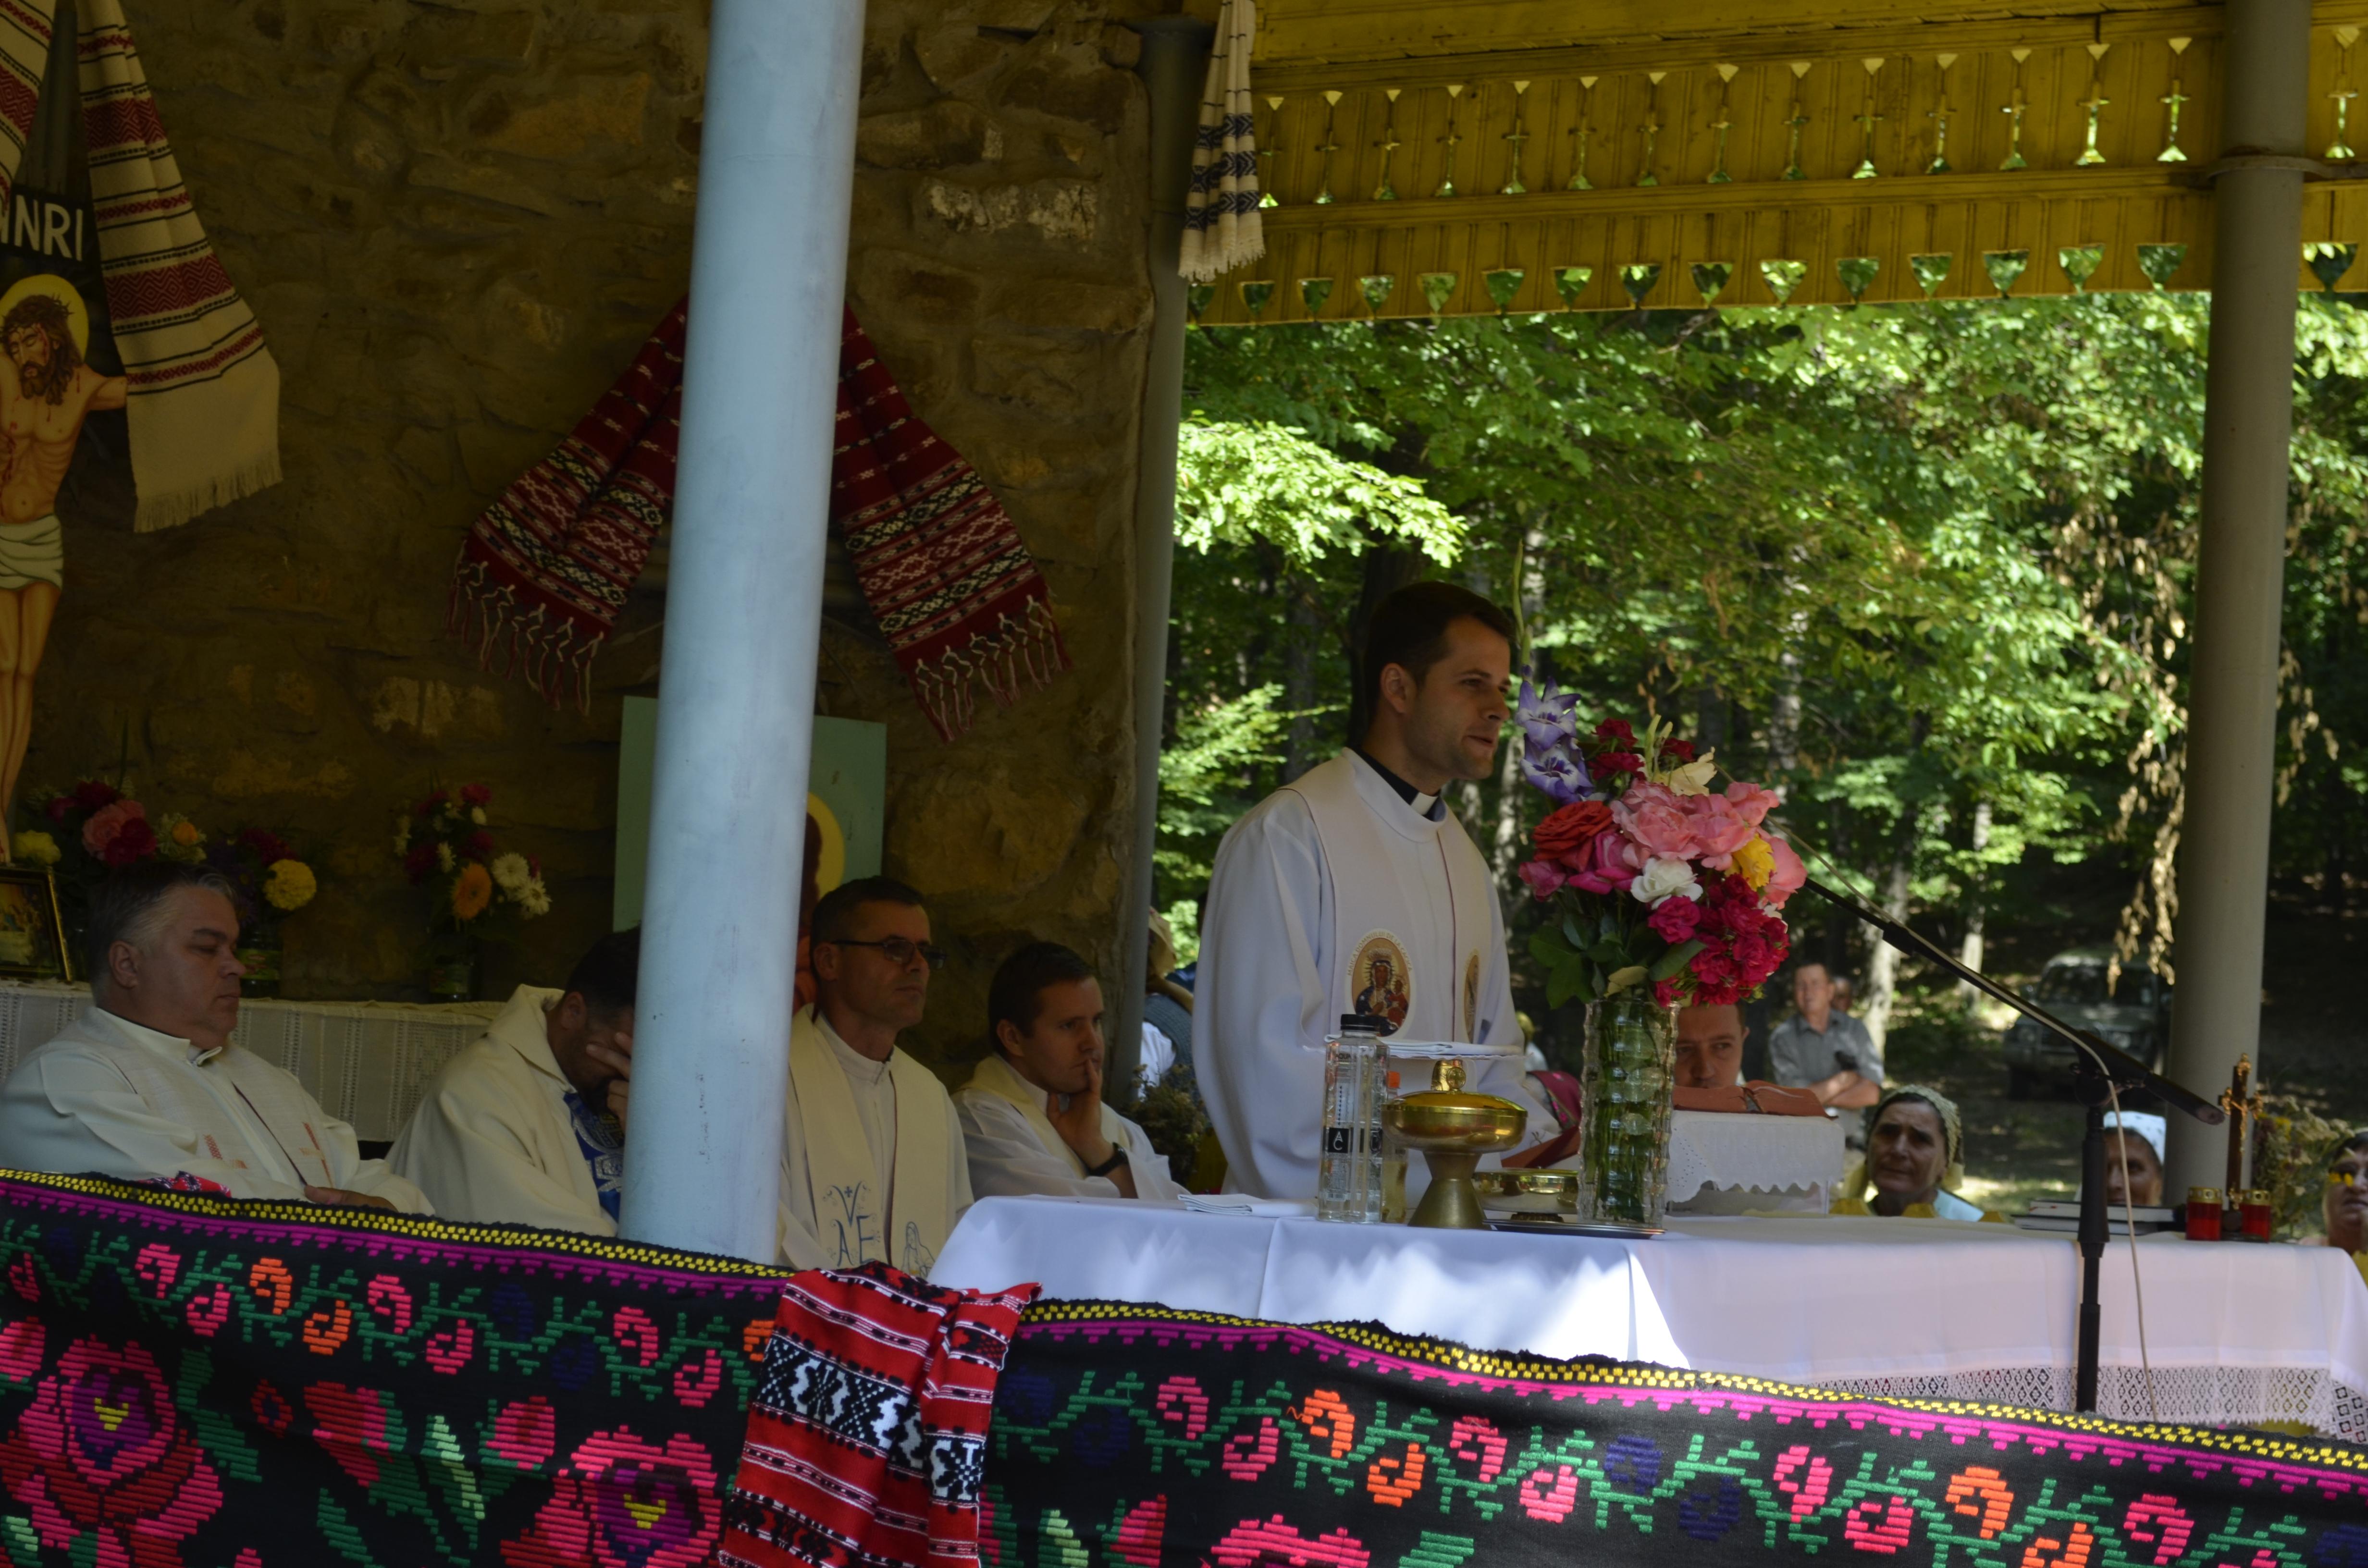 Predica părintelui Leonard Farcaș cu ocazia Pelerinajului la Capela de la Ciciola. (La ultimele fișiere audio, în partea dreaptă.)